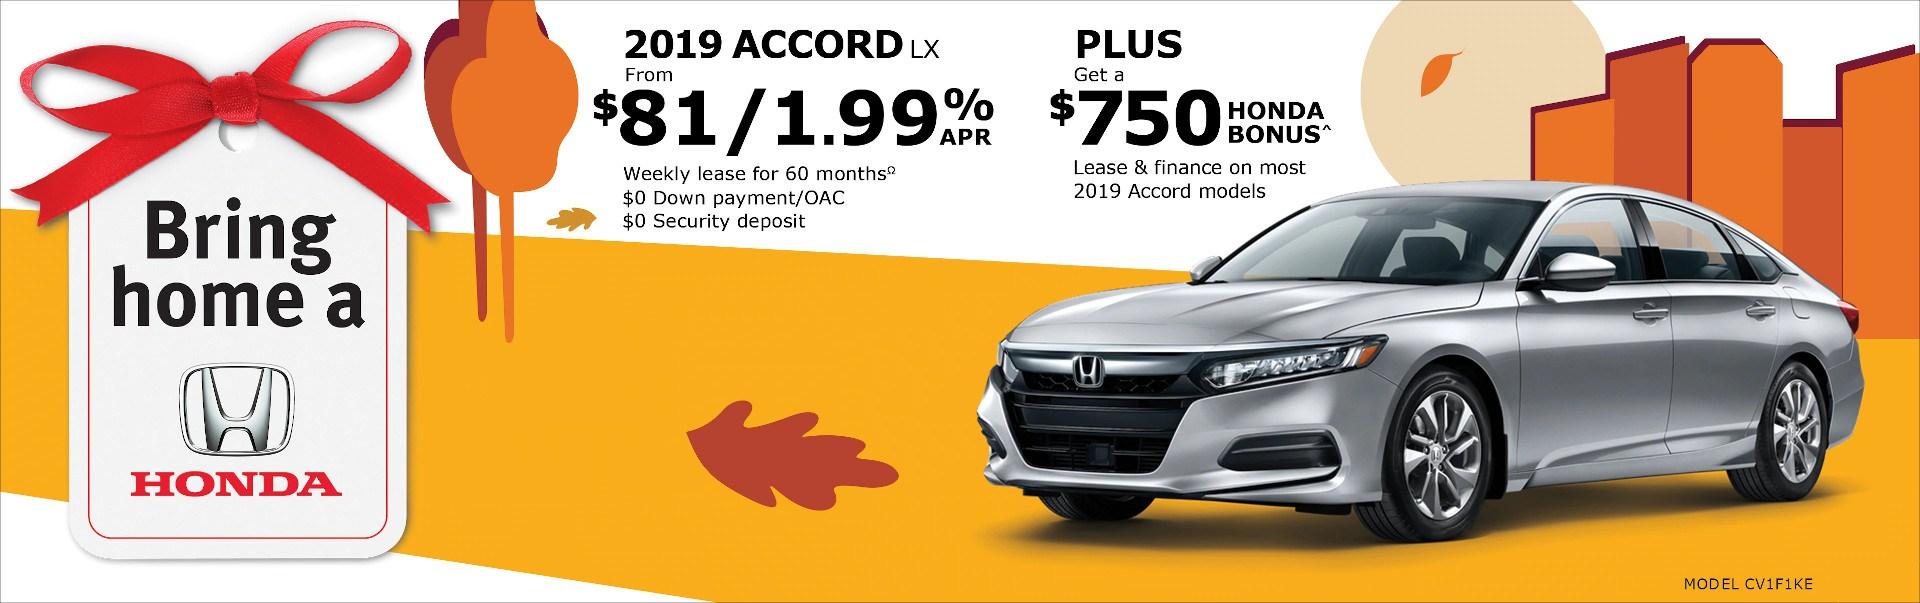 2019 Honda Accord at Richmond Hill Honda in Toronto and the GTA